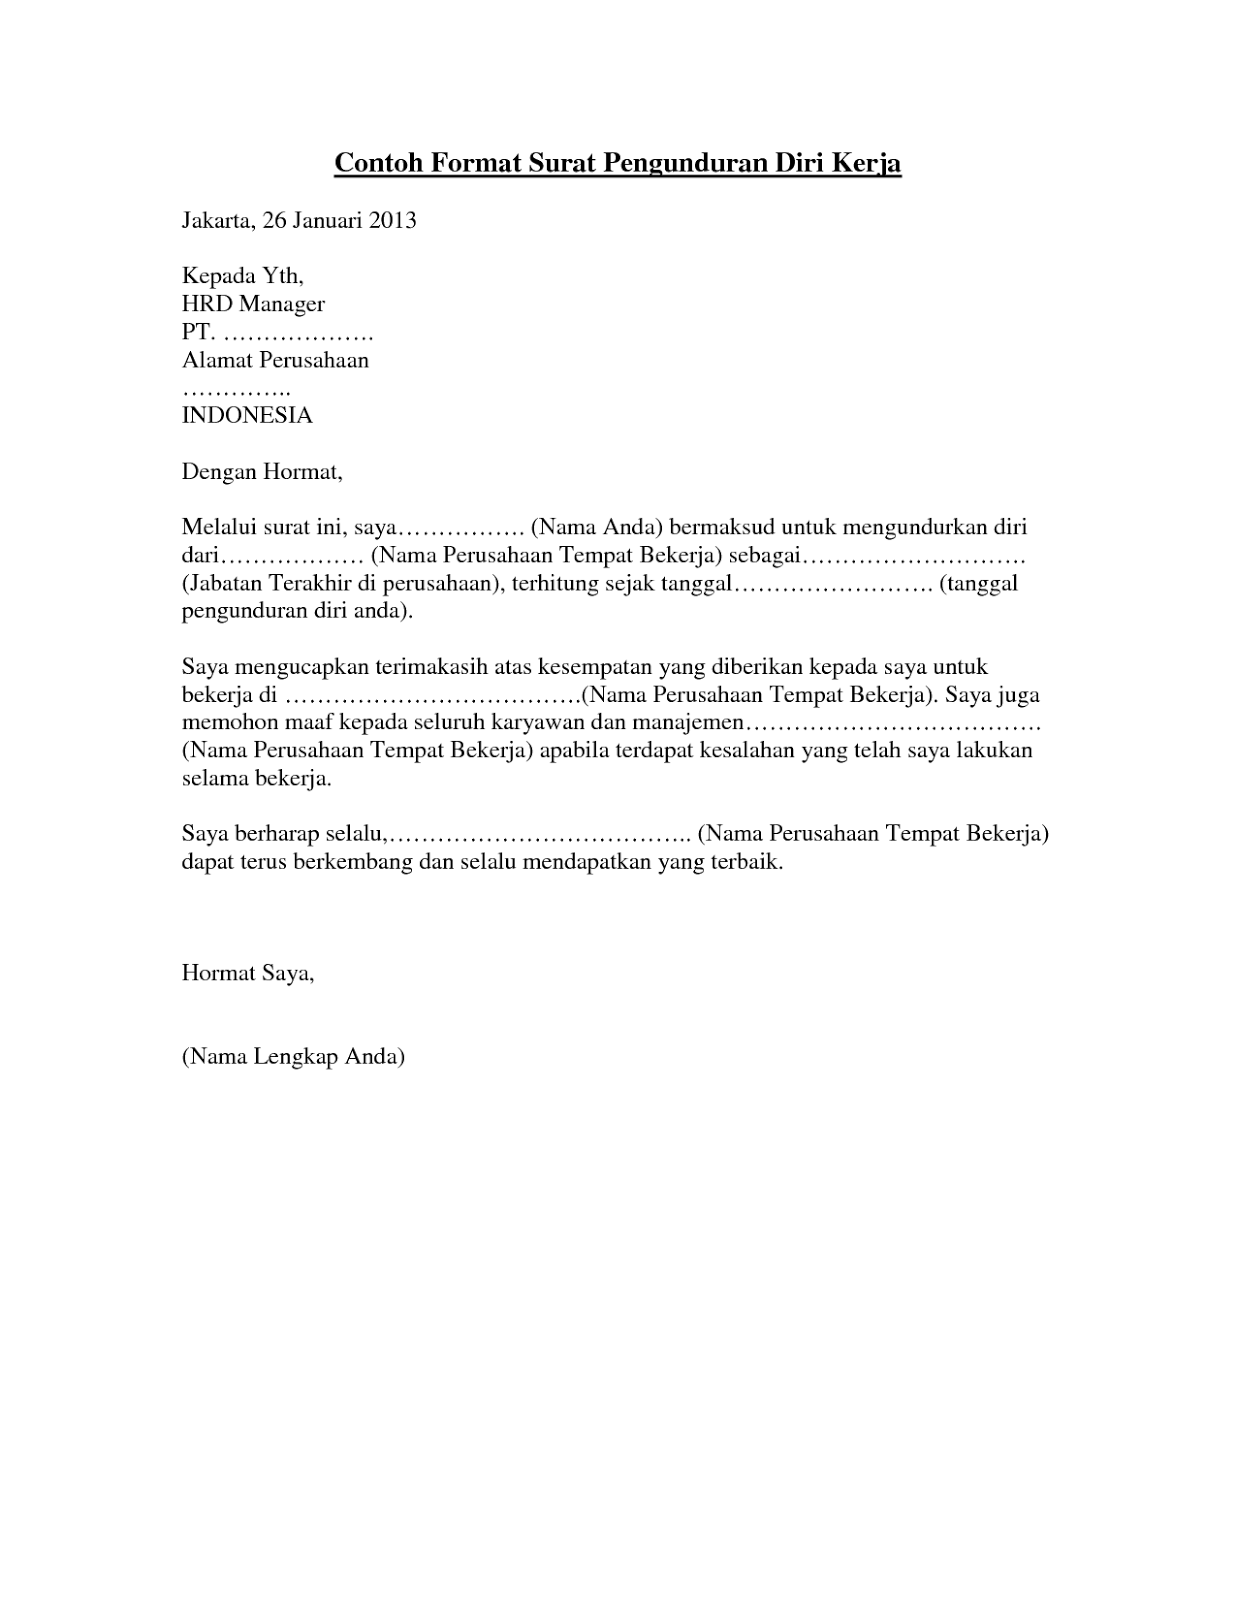 Contoh Surat Pengunduran Diri Resign Kerja Yang Baik Dan Benar